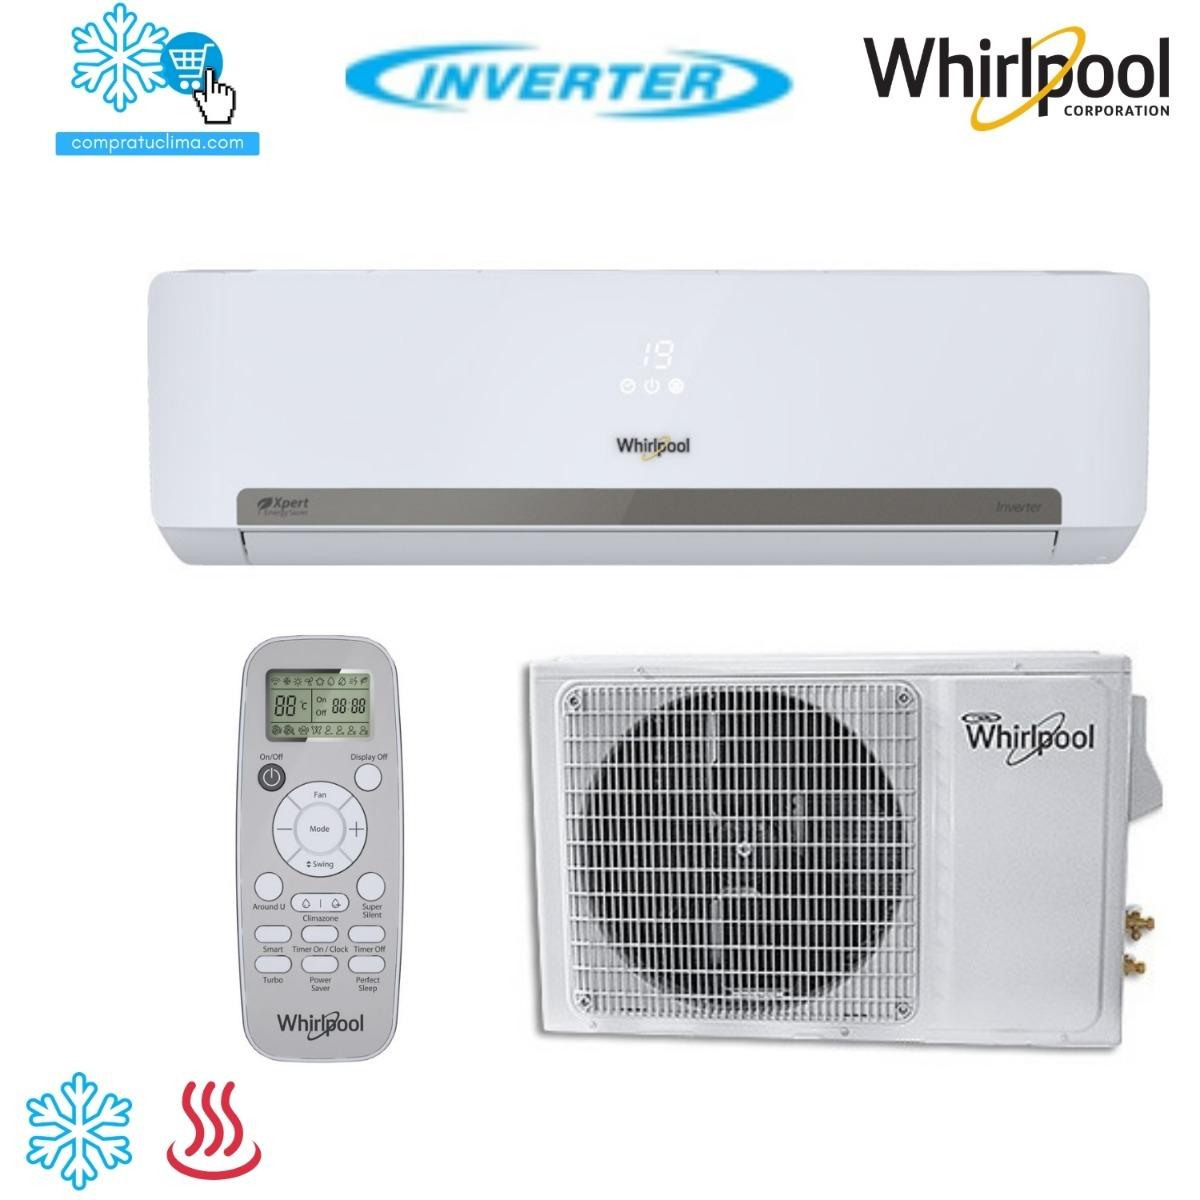 Minisplit Whirlpool Inverter 1 Ton Fr 237 O Calor 220v